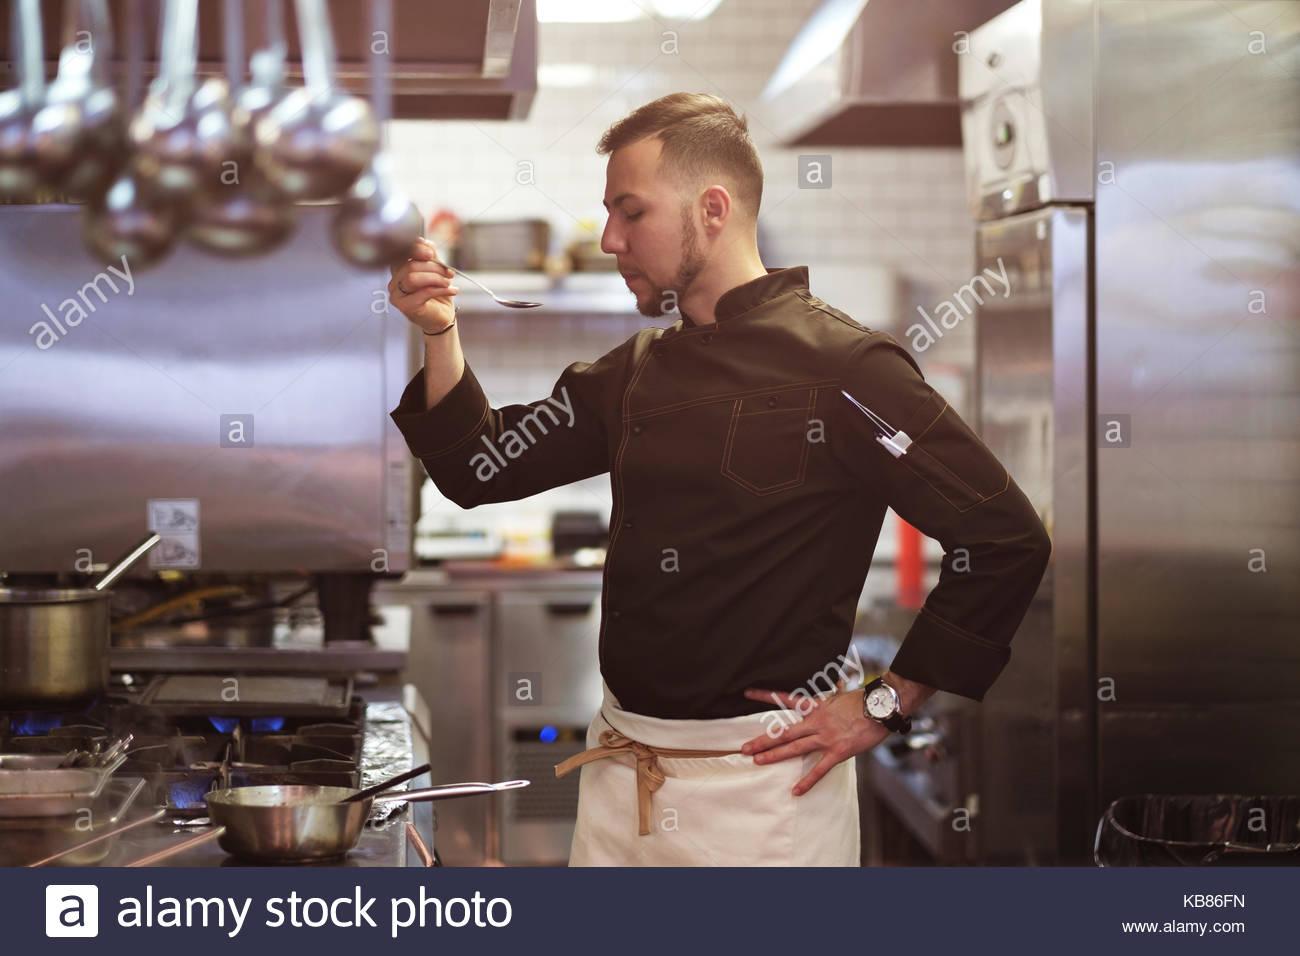 Concept alimentaire. Un jeune cuisinier se tient dans la cuisine et prépare un plat. Photo Stock